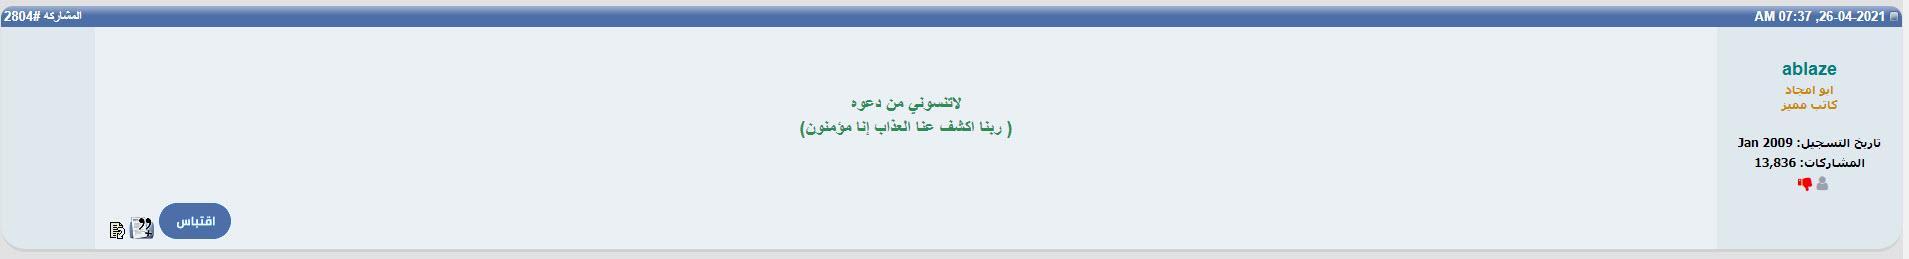 رد: توفي اليوم أخي الكبير في الدين والدنيا والمنتدى ablaze أبو أمجاد:  ال